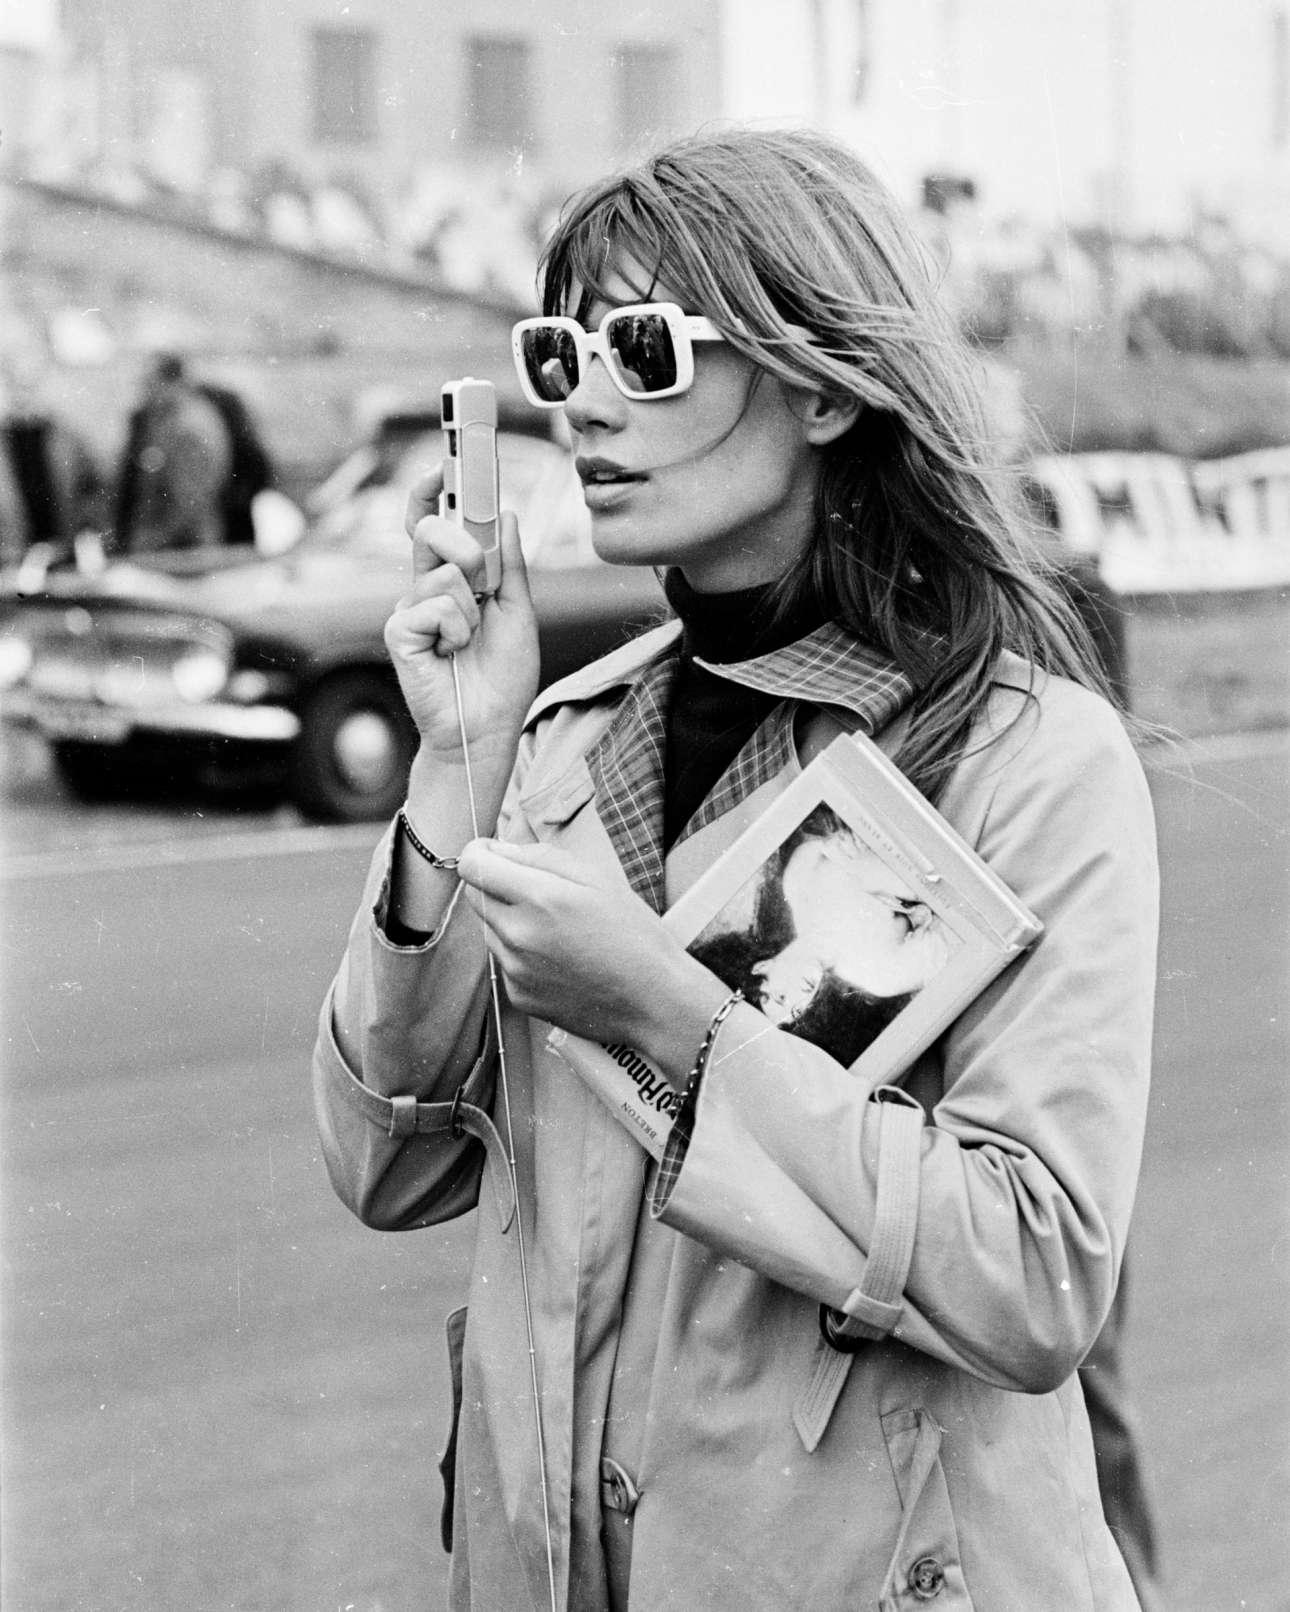 Η Αρντί το -μακρινό, πια- 1966 (Victor Blackman/Getty Images)